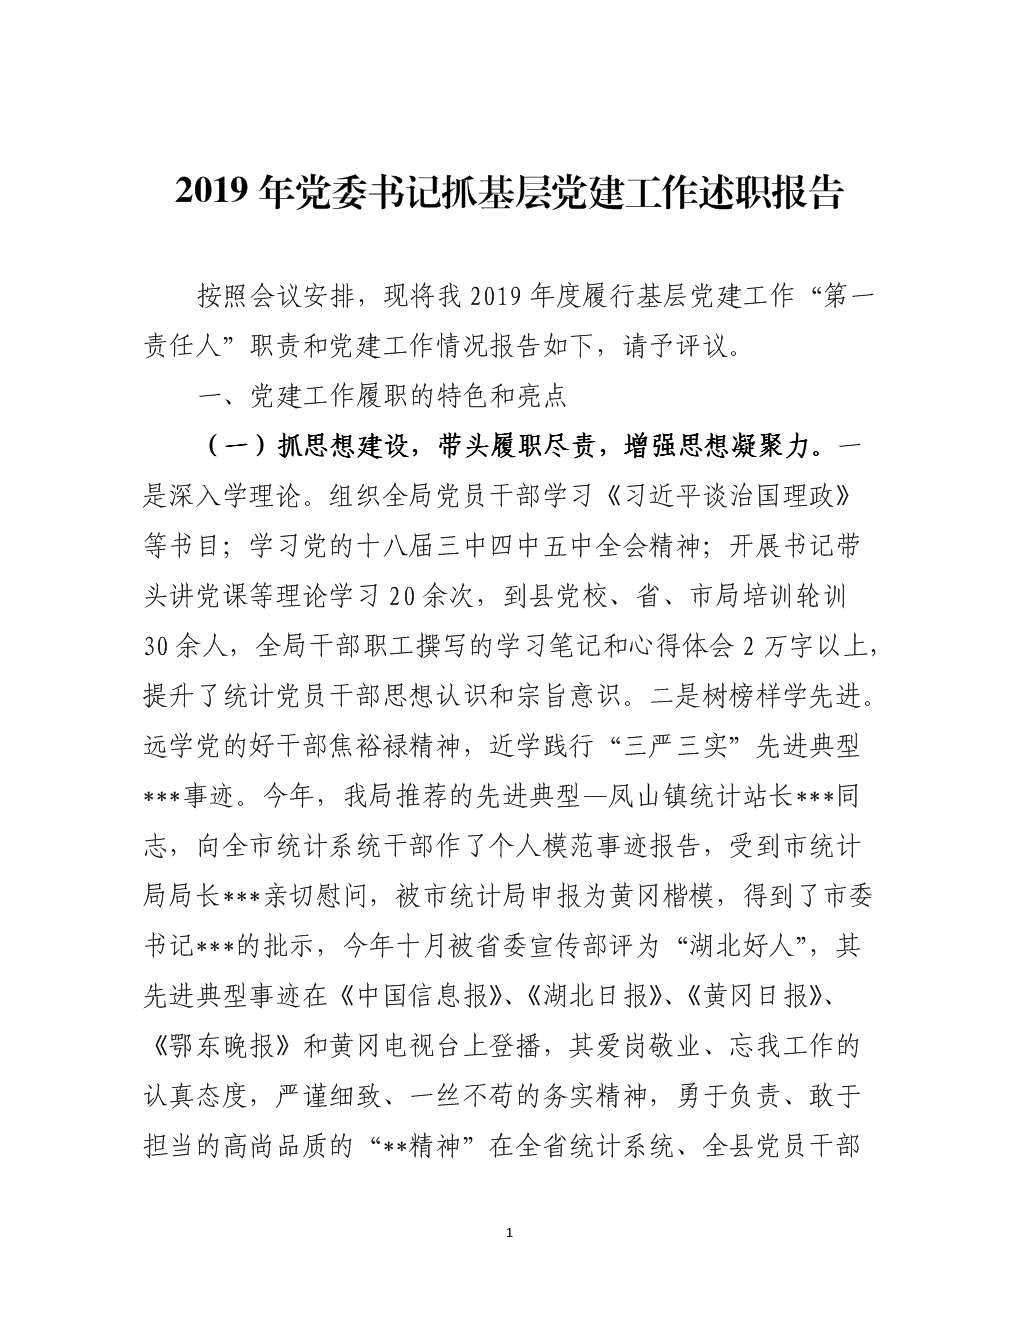 2019年某局党委书记抓基层党建工作述职报告.docx